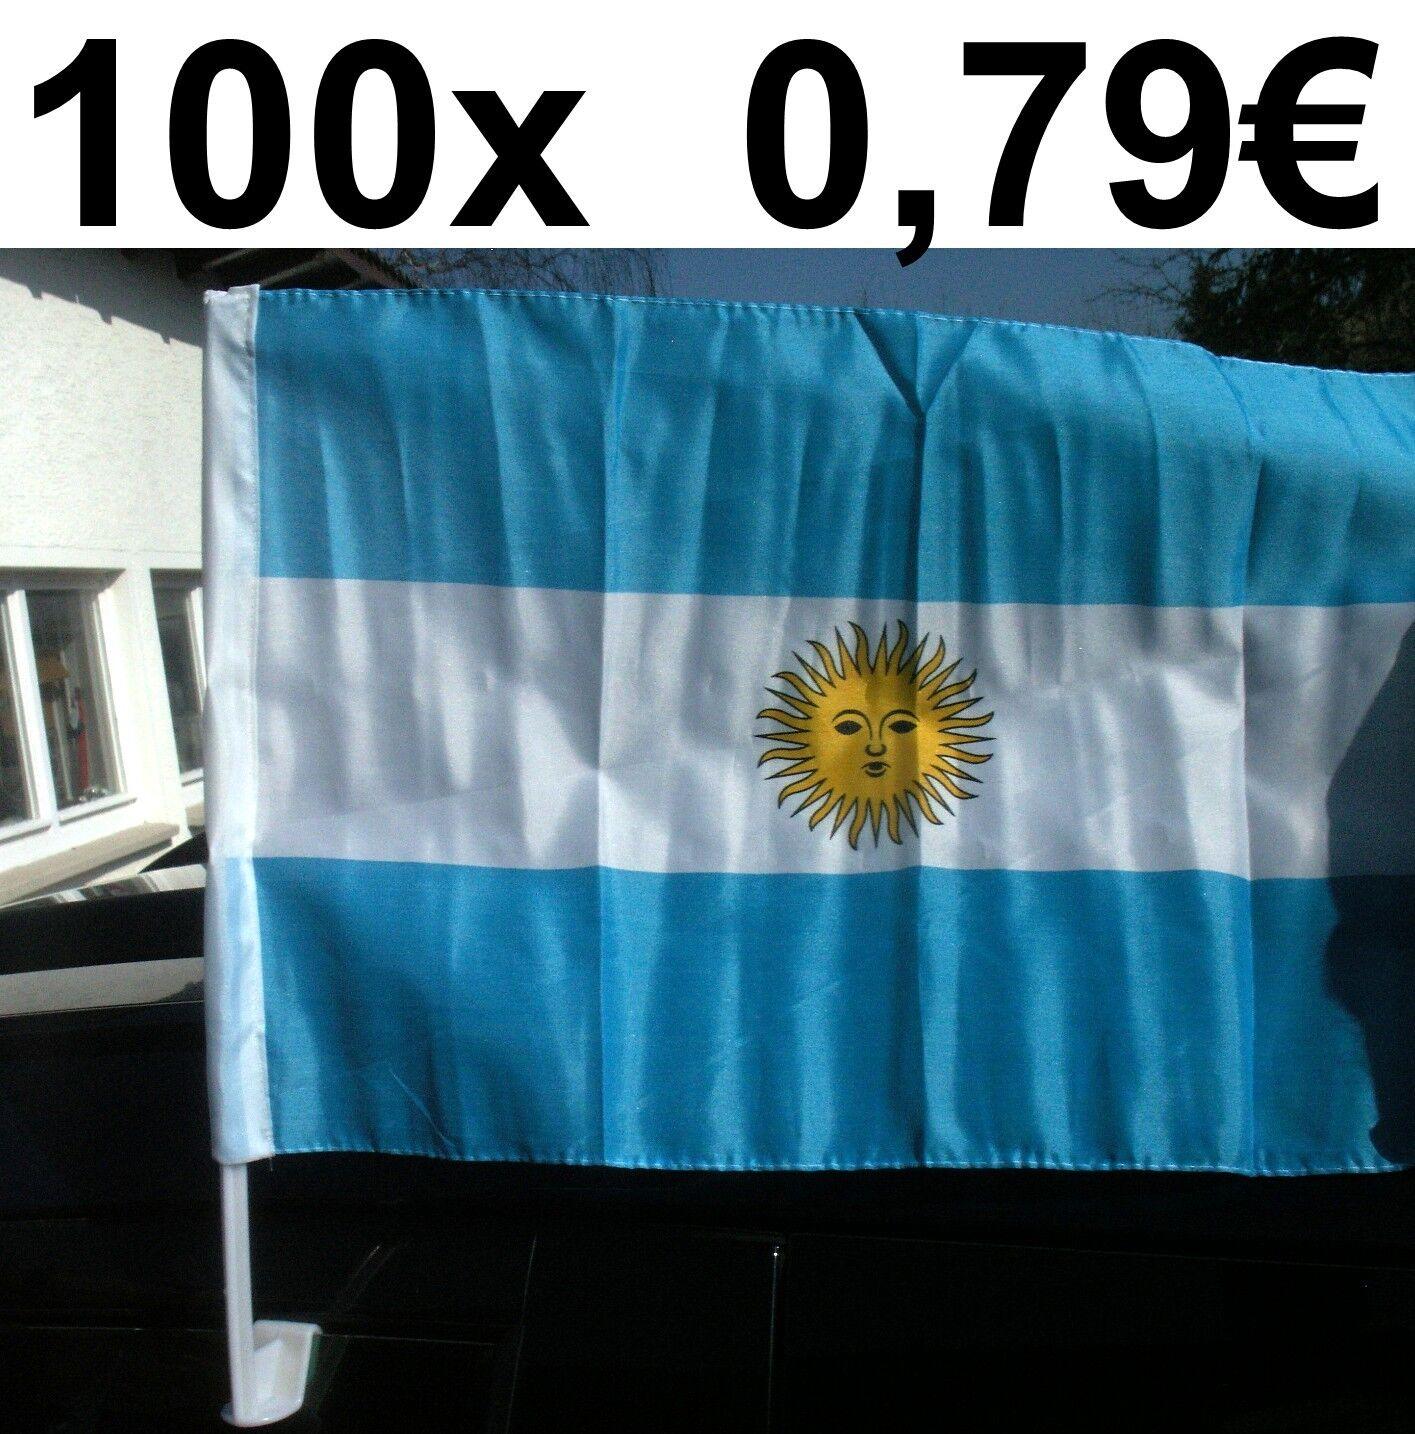 100x AUTOFAHNE ARGENTINIEN AUTOFAHNEN FLAGGE FUßBALL WM FAHNE FLAGGE AUTOFAHNEN AUTOFLAGGE BANDERA a0d919